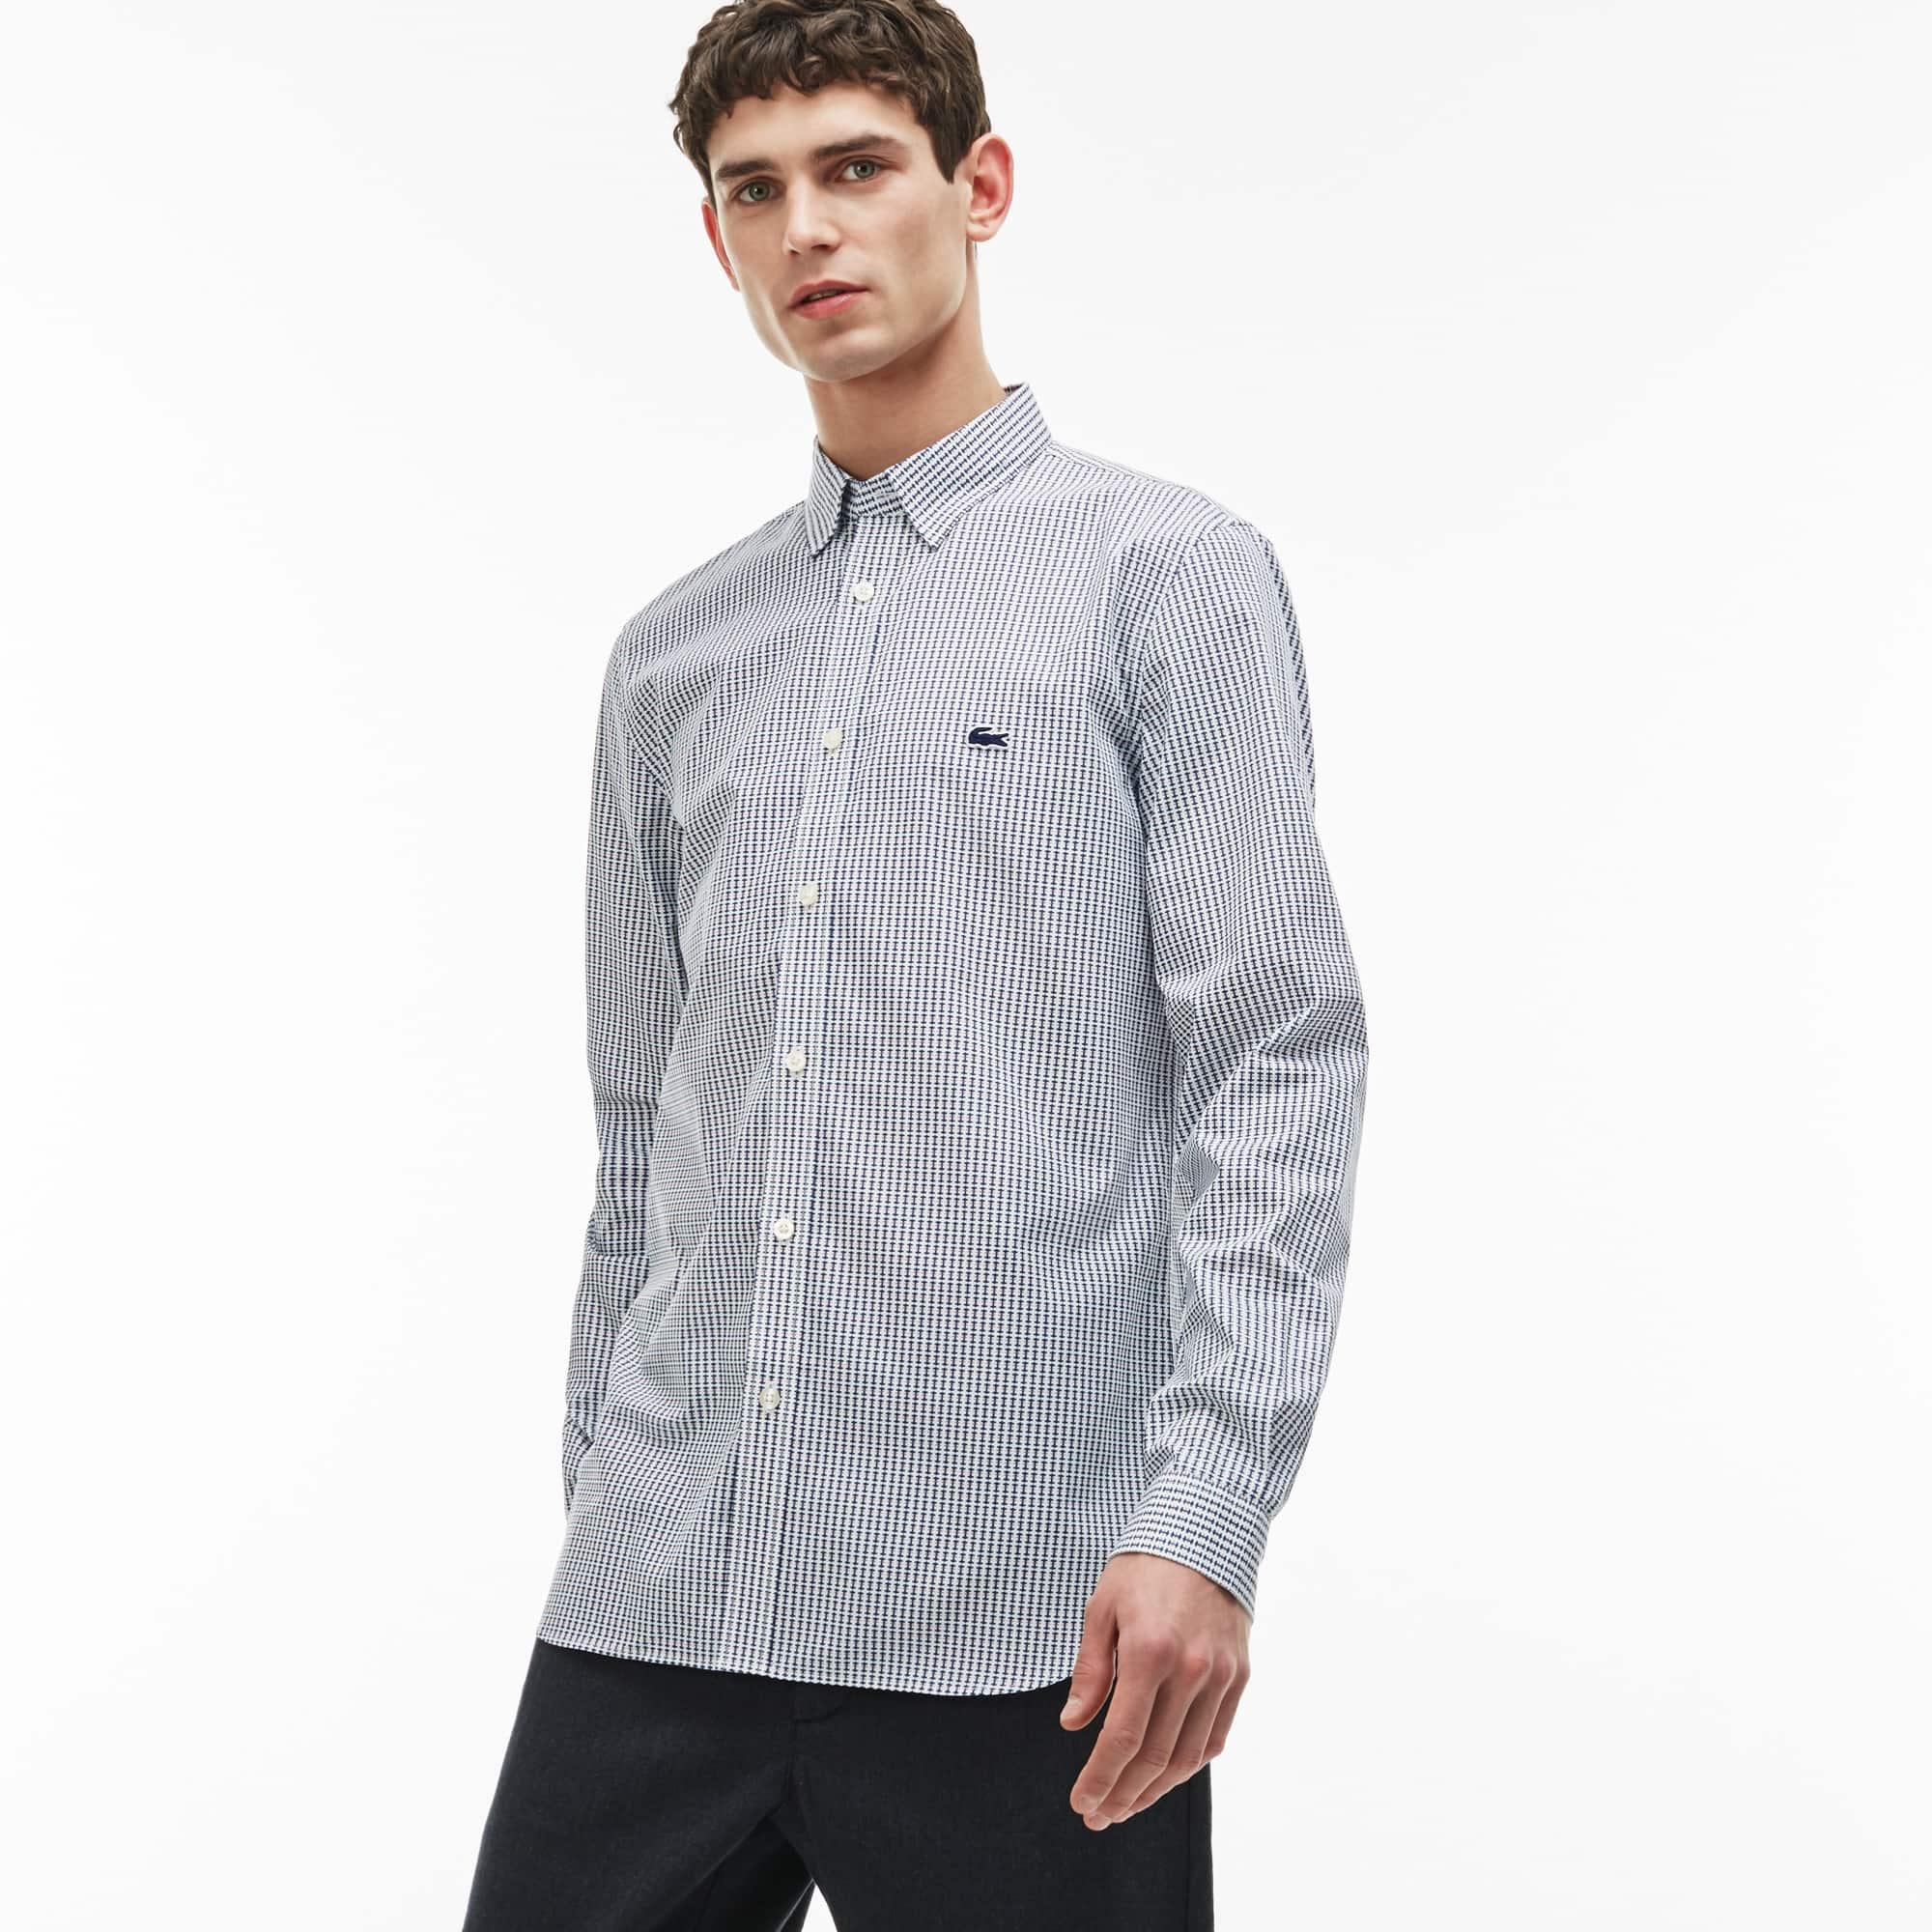 Camisa Slim Fit Masculina de Popelina de Algodão Estampado